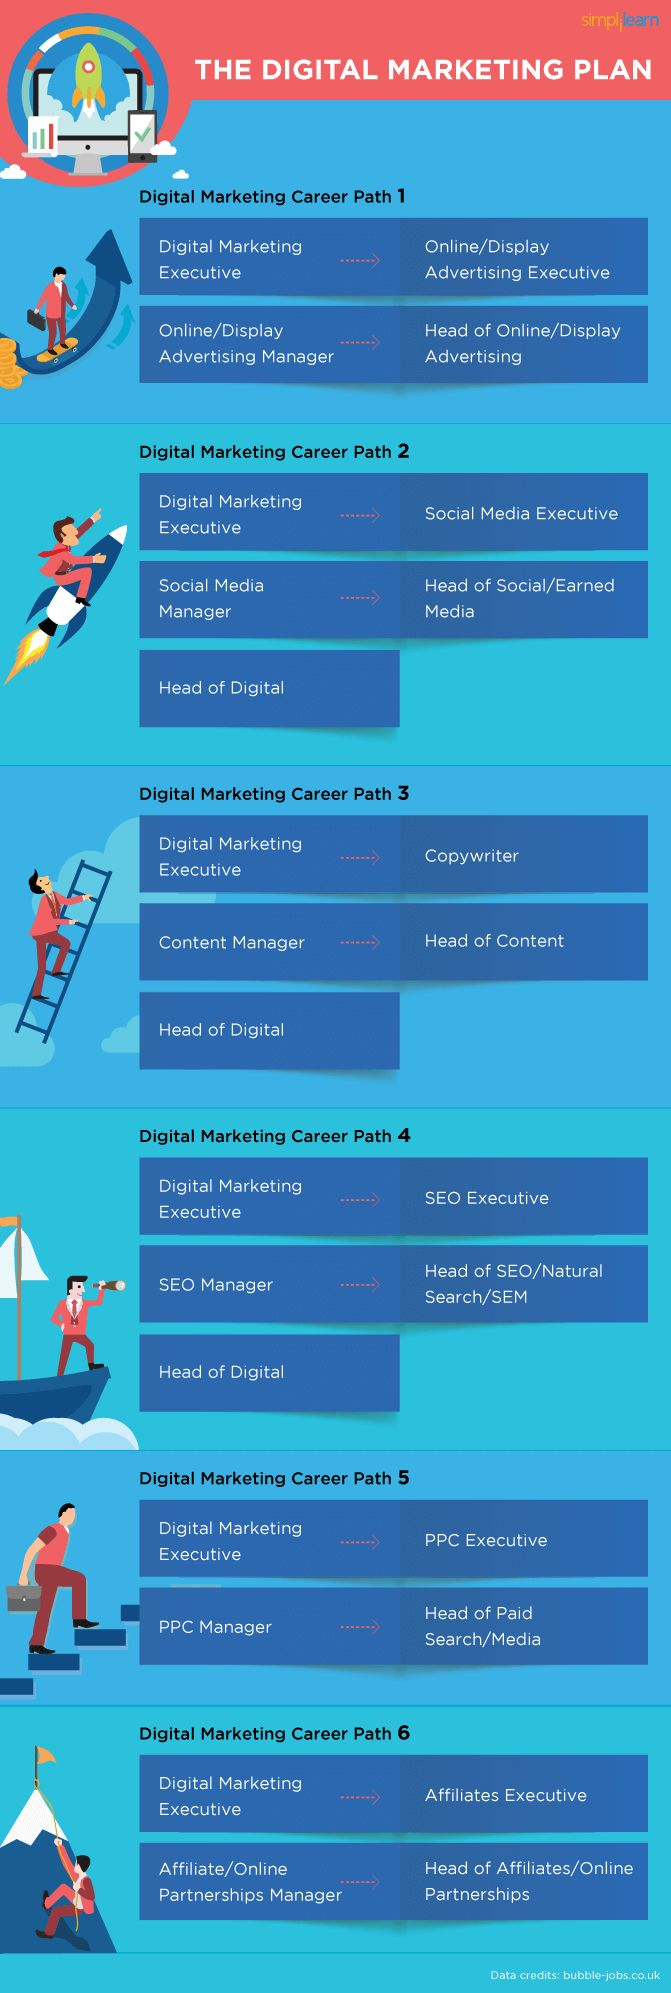 digital marketing planner